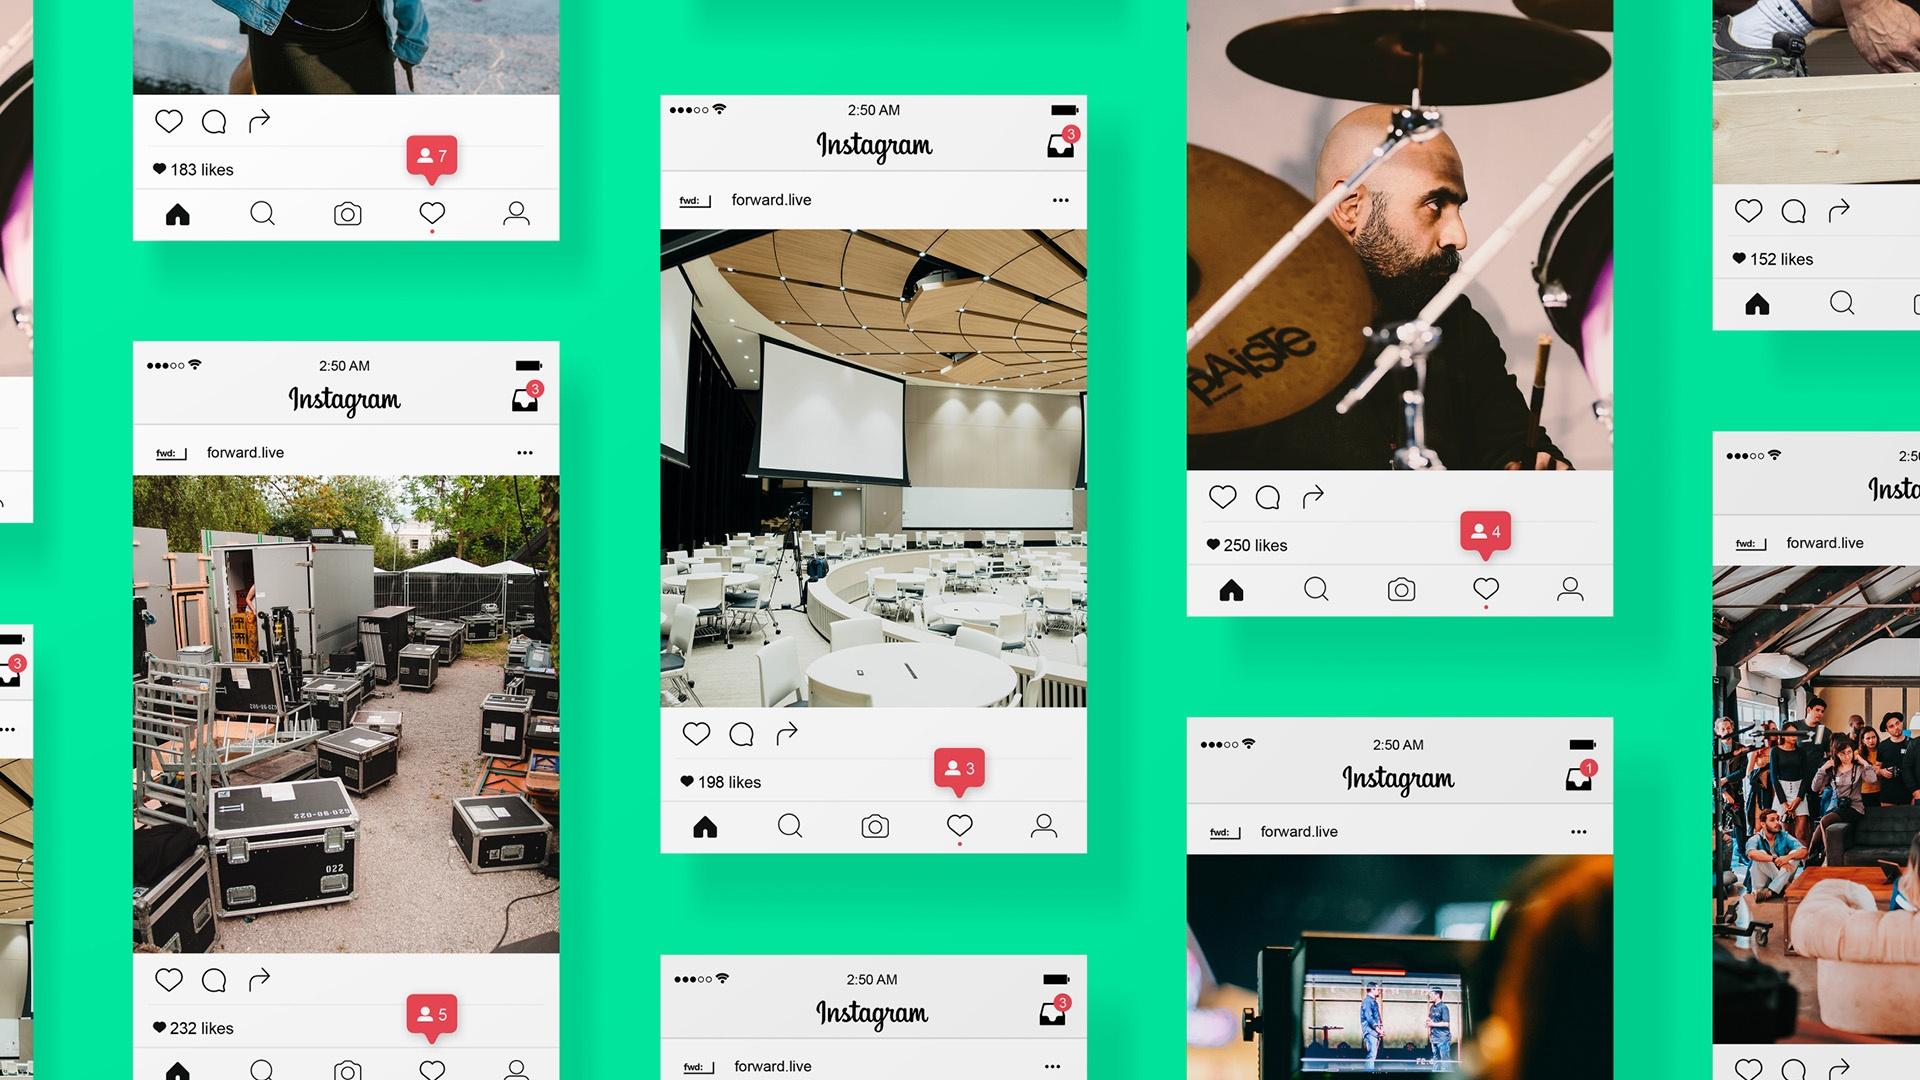 fwd: Bundesvereinigung Veranstaltungswirtschaft Social Media